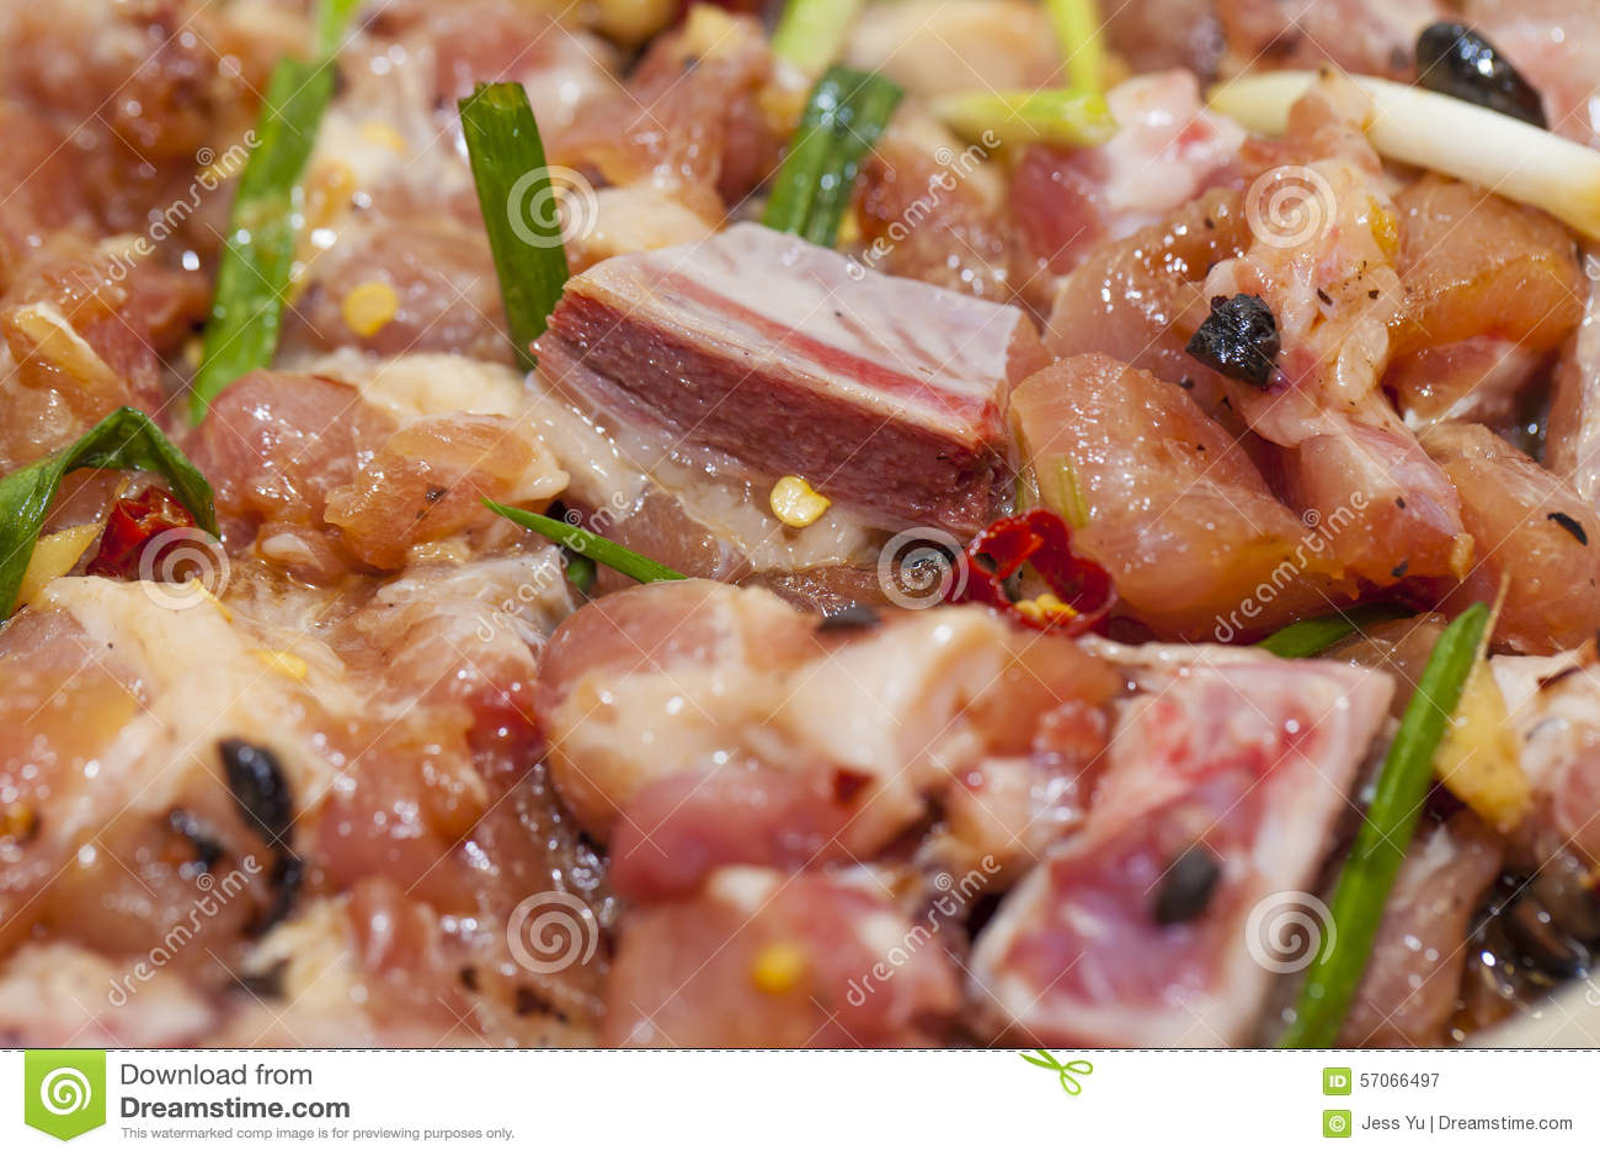 Ruw vlees met saus